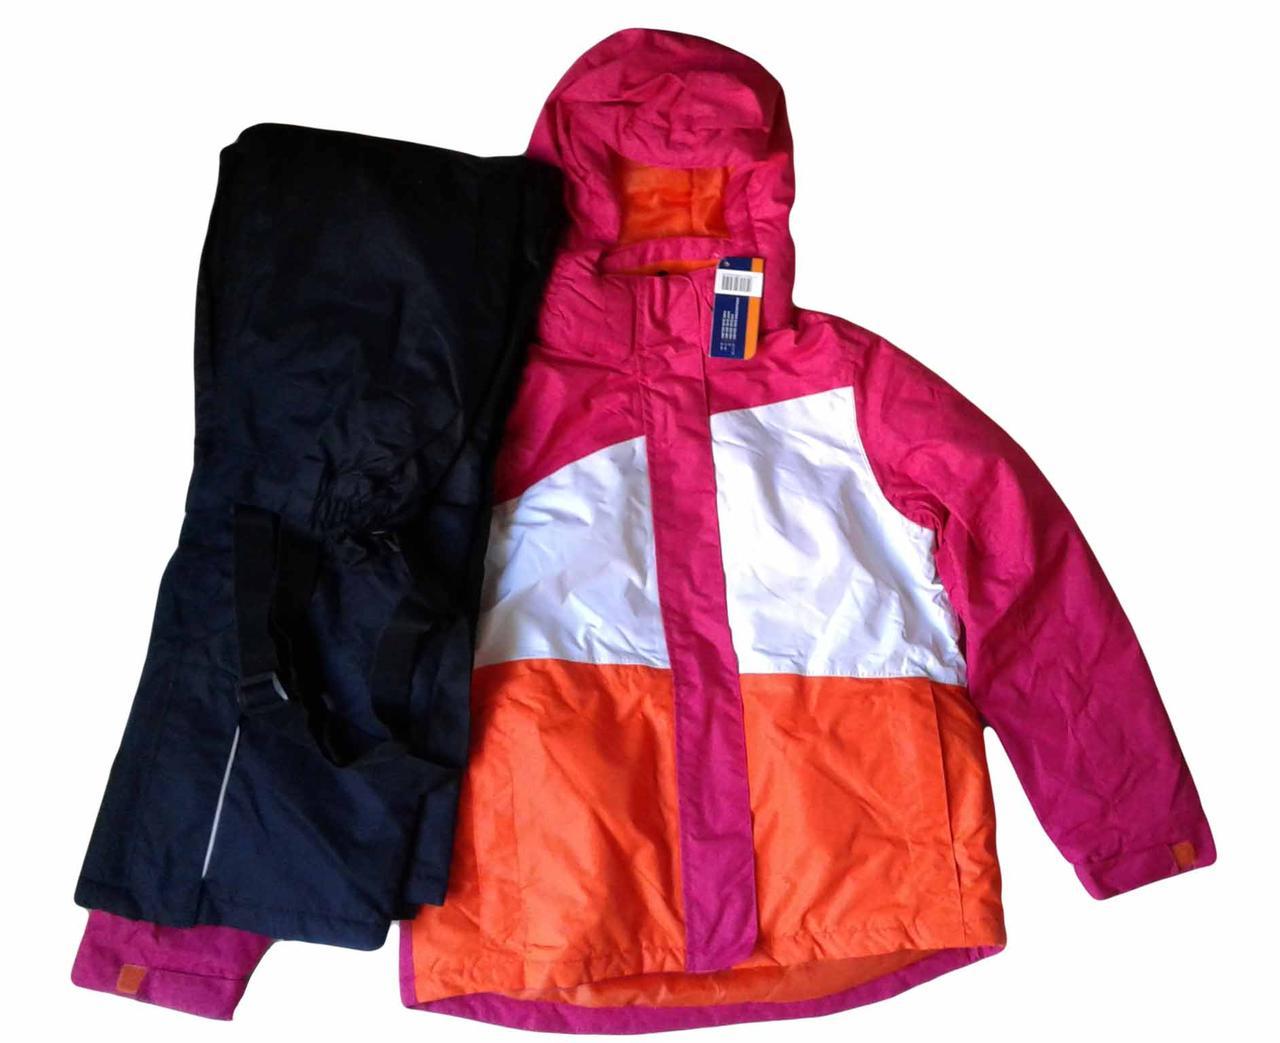 Комбинезон с курткой для девочки, CRIVIT, размер- 146/152, арт. Л-437